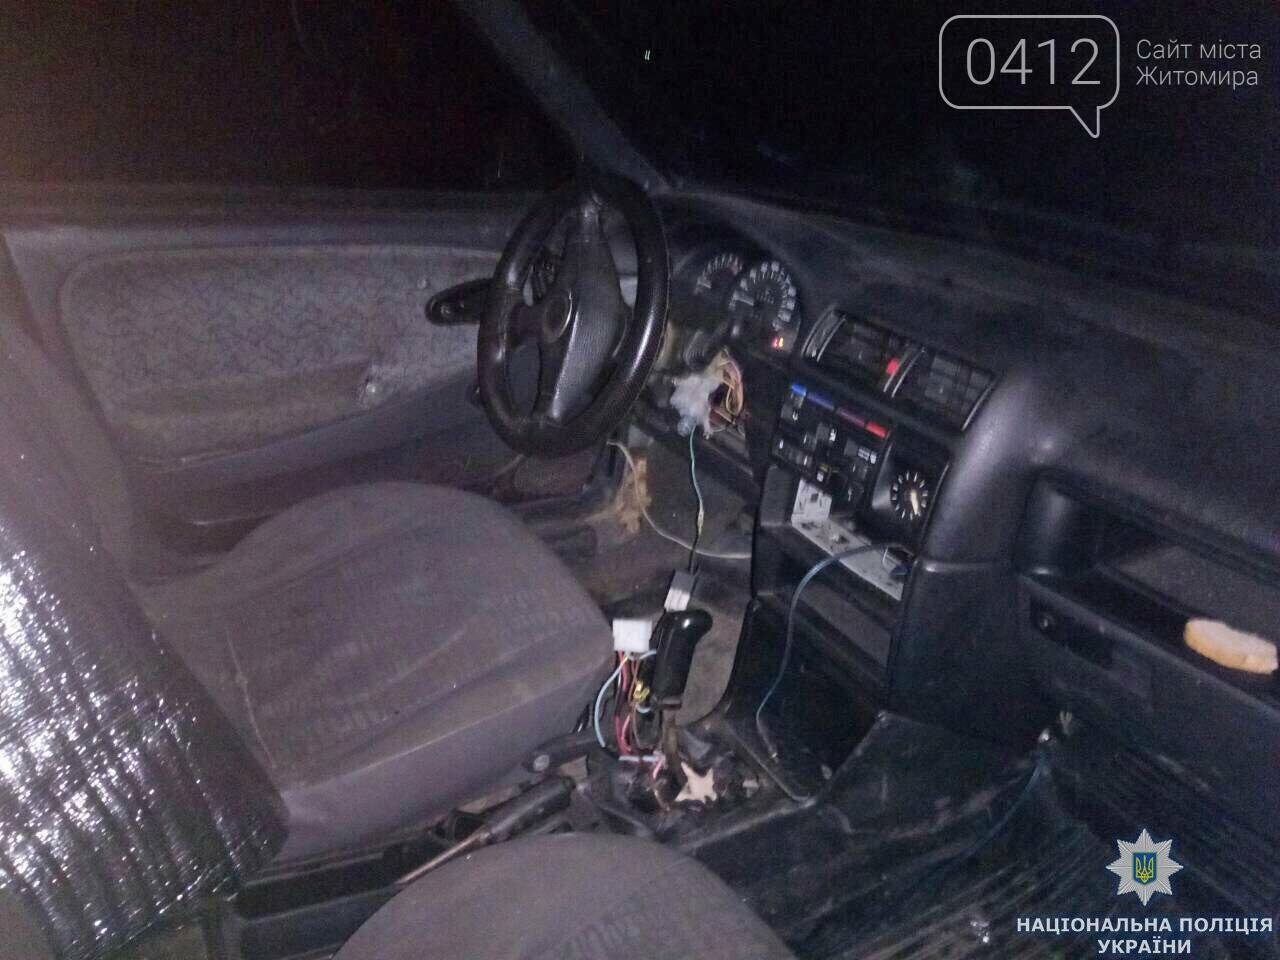 На Житомирщині підозрюваний в угоні «дев'ятки» попався у руки поліції верхи на викраденому мотоблоці, фото-1